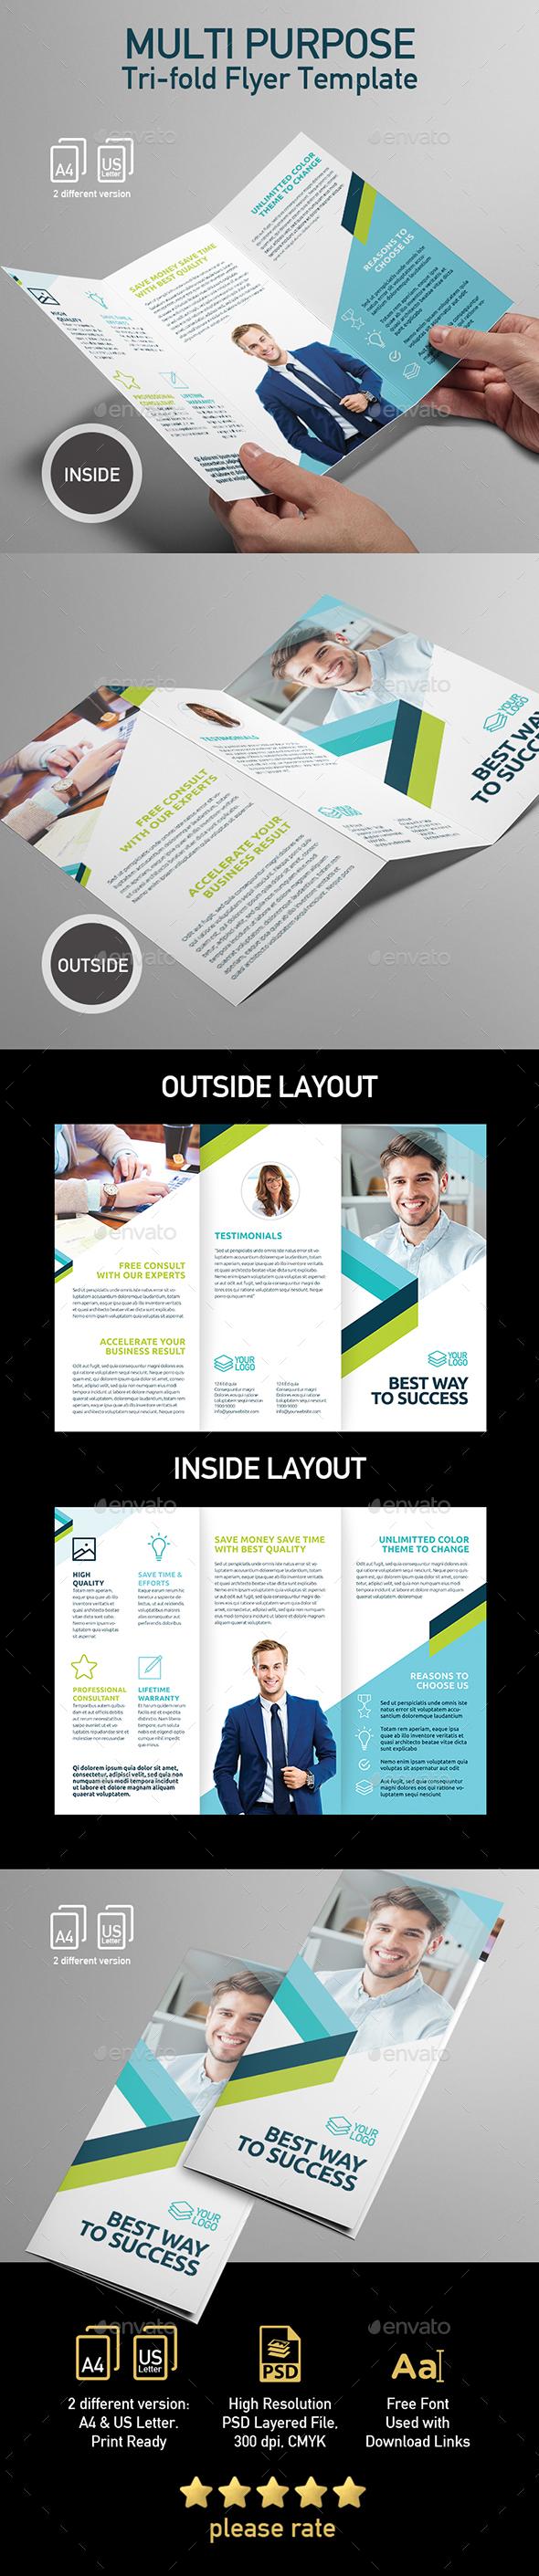 Multi purpose Tri-fold Brochure Template - Corporate Brochures